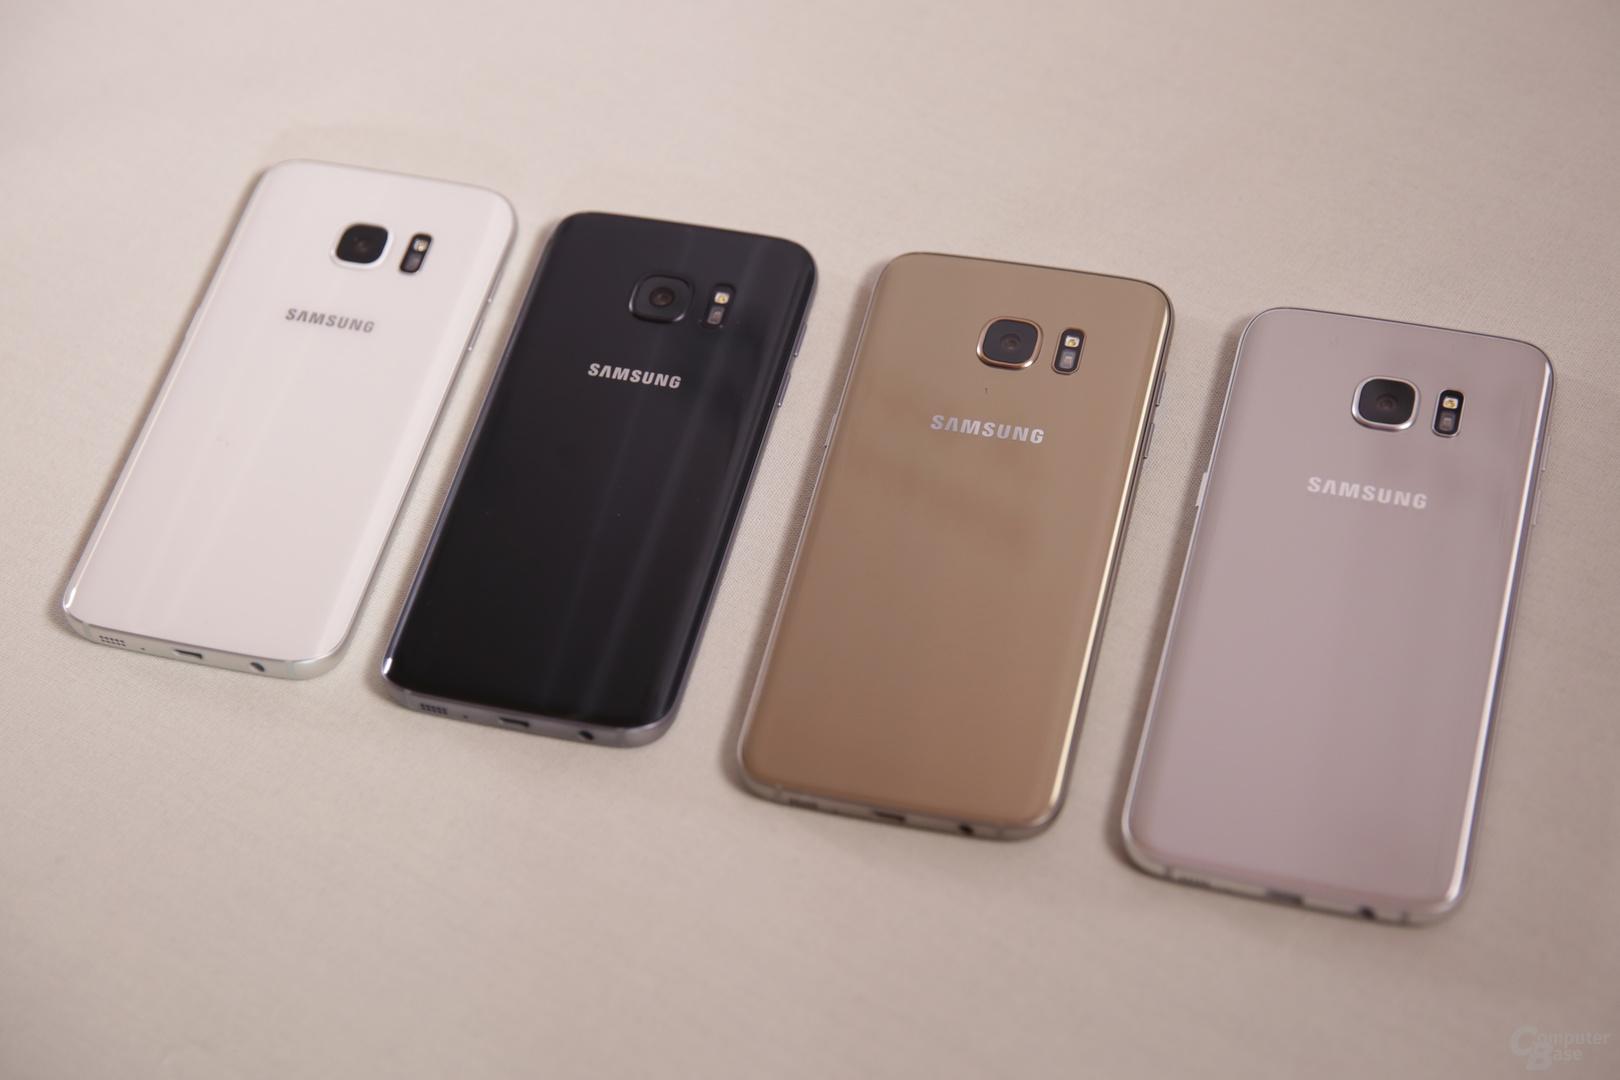 Galaxy S7 (edge) kommt in Schwarz, Weiß, Silber und Gold